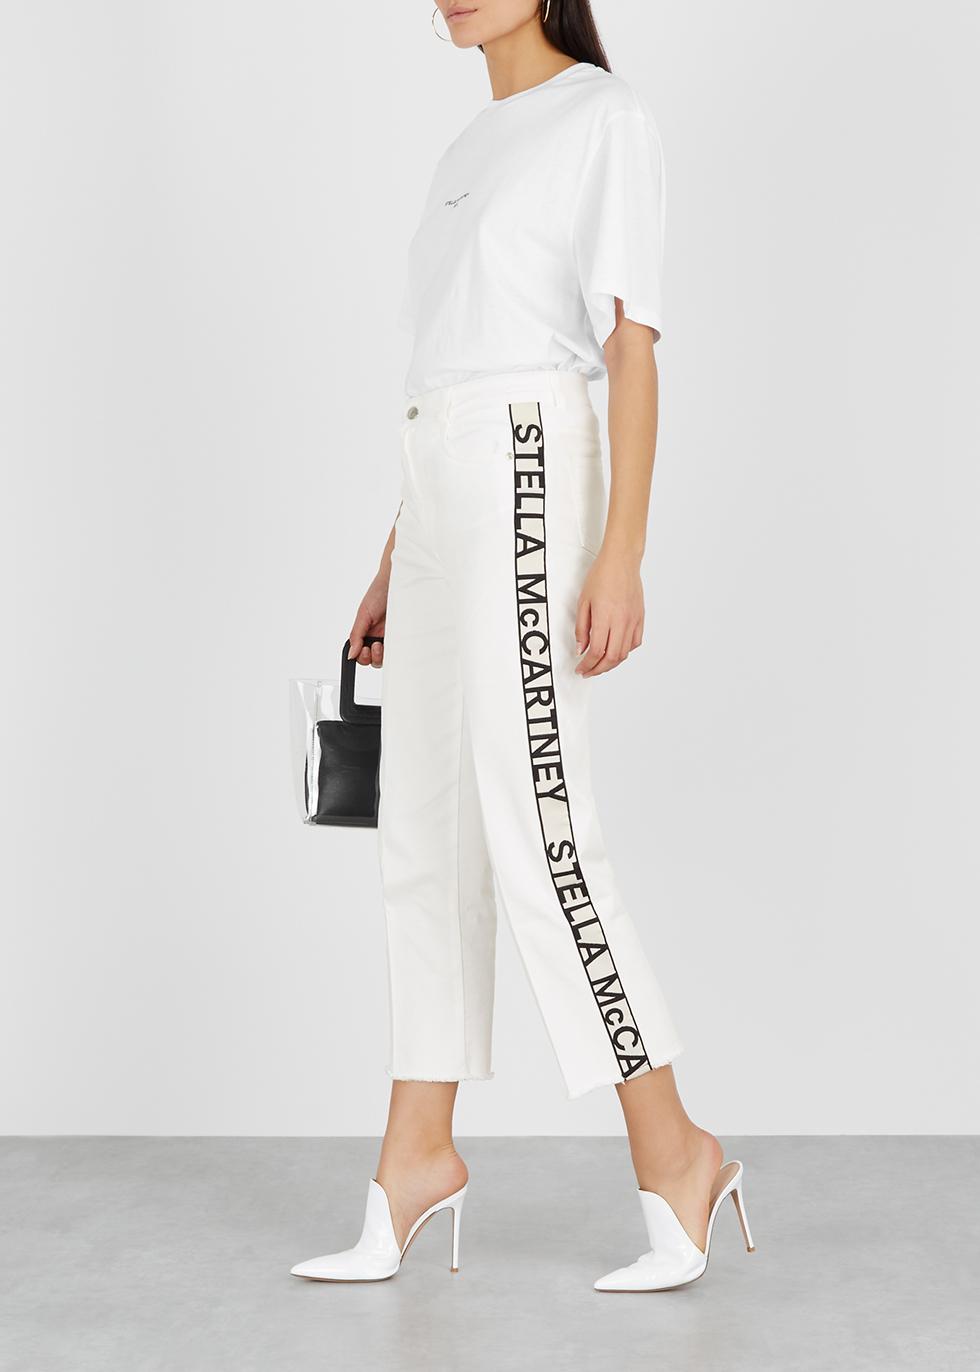 a0fa27d94a6c Stella McCartney X adidas Stan Smith faux leather trainers - Harvey Nichols